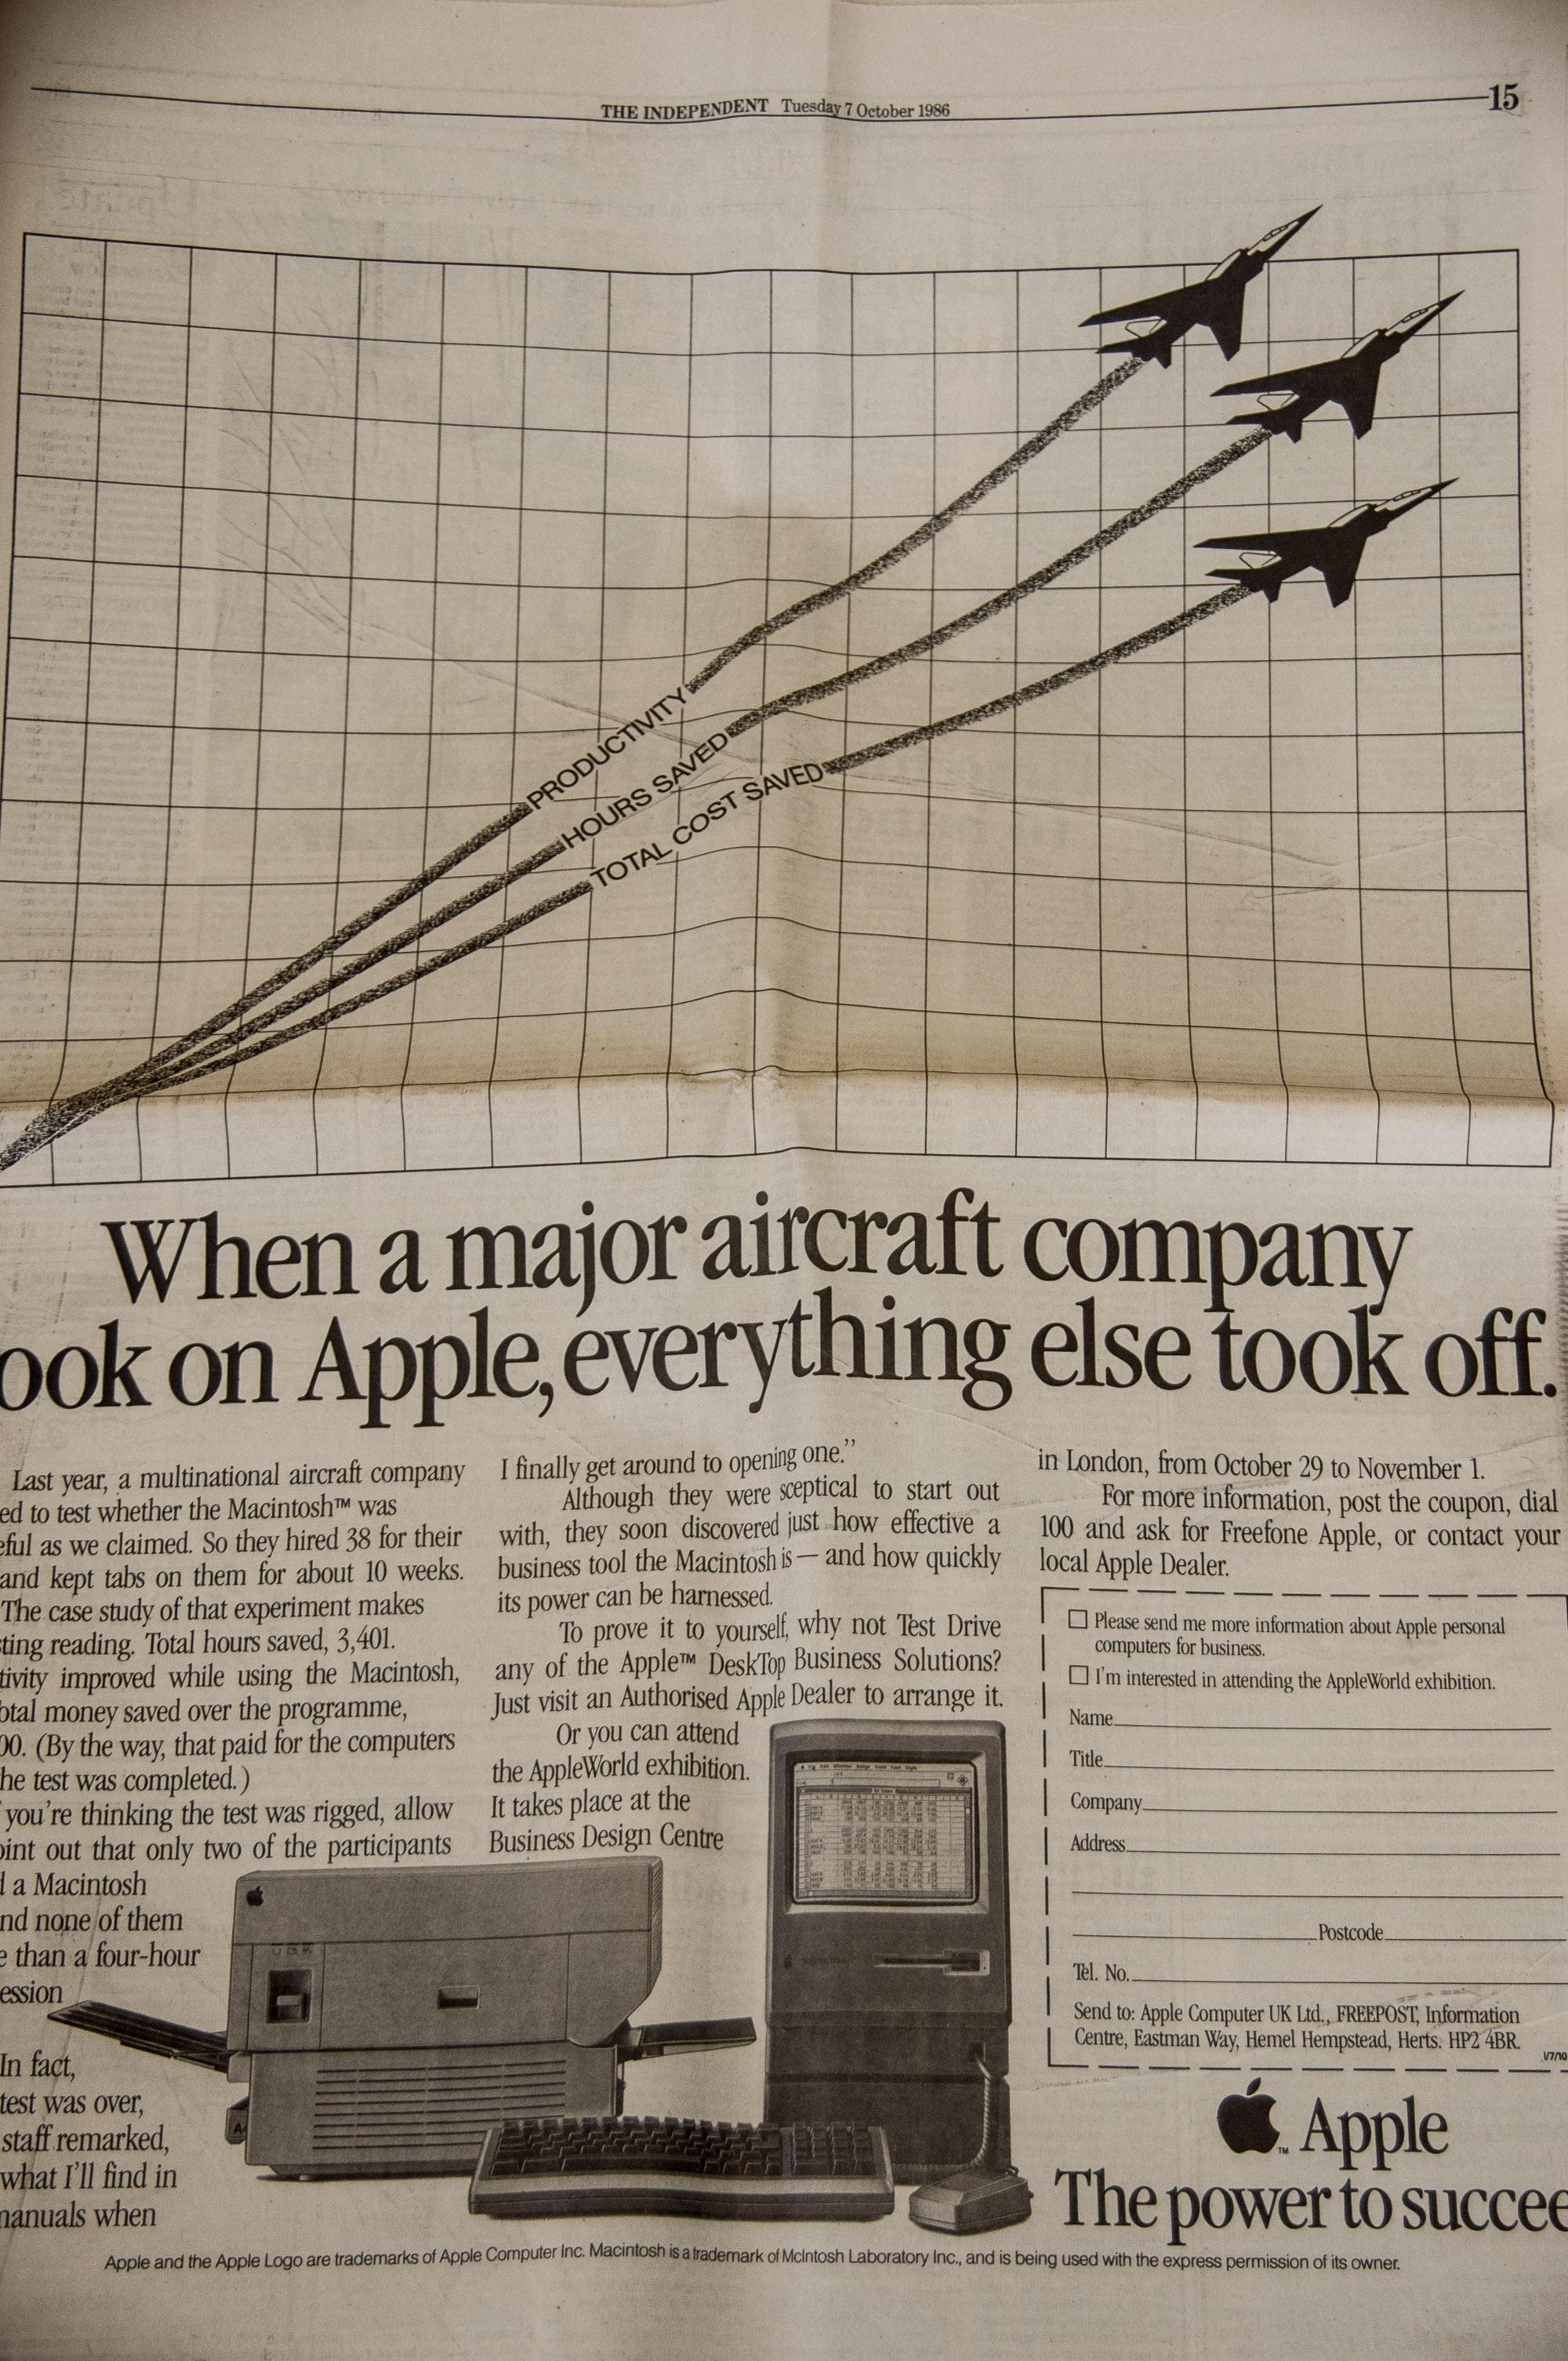 Gambar Komputer Apel Vintage Koran Merek Seni Sketsa